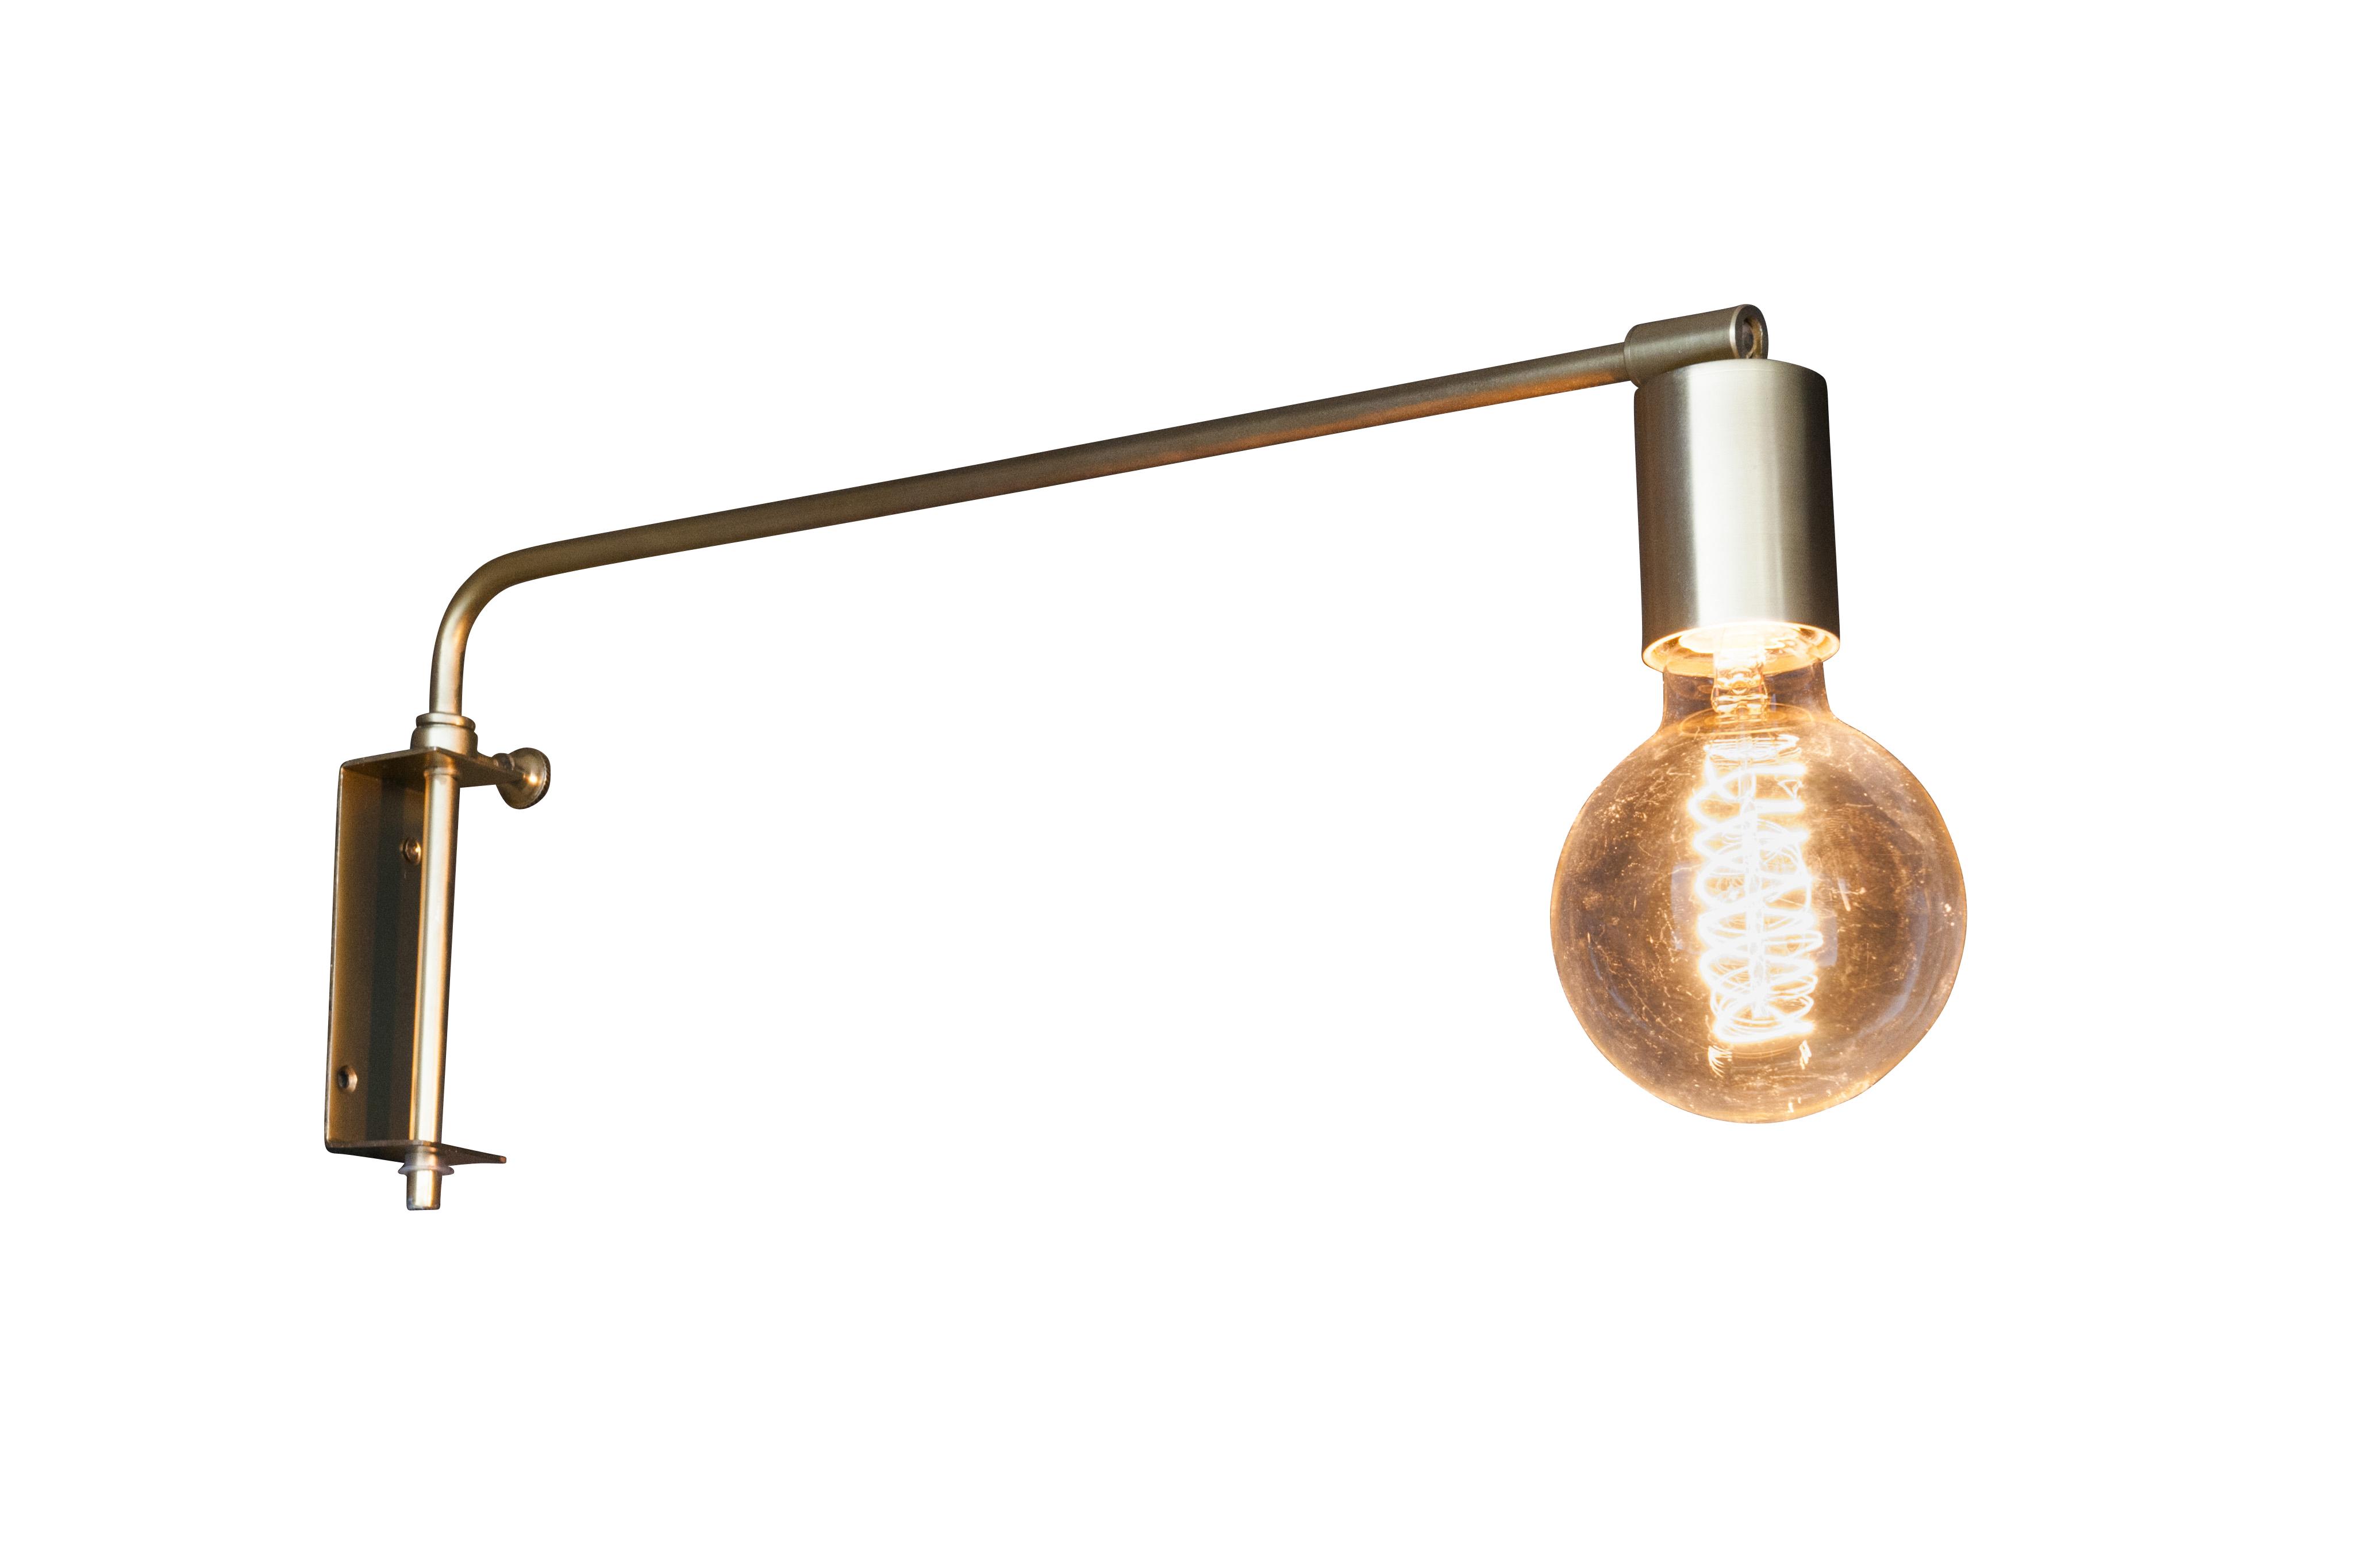 Lampe murale en métal doré